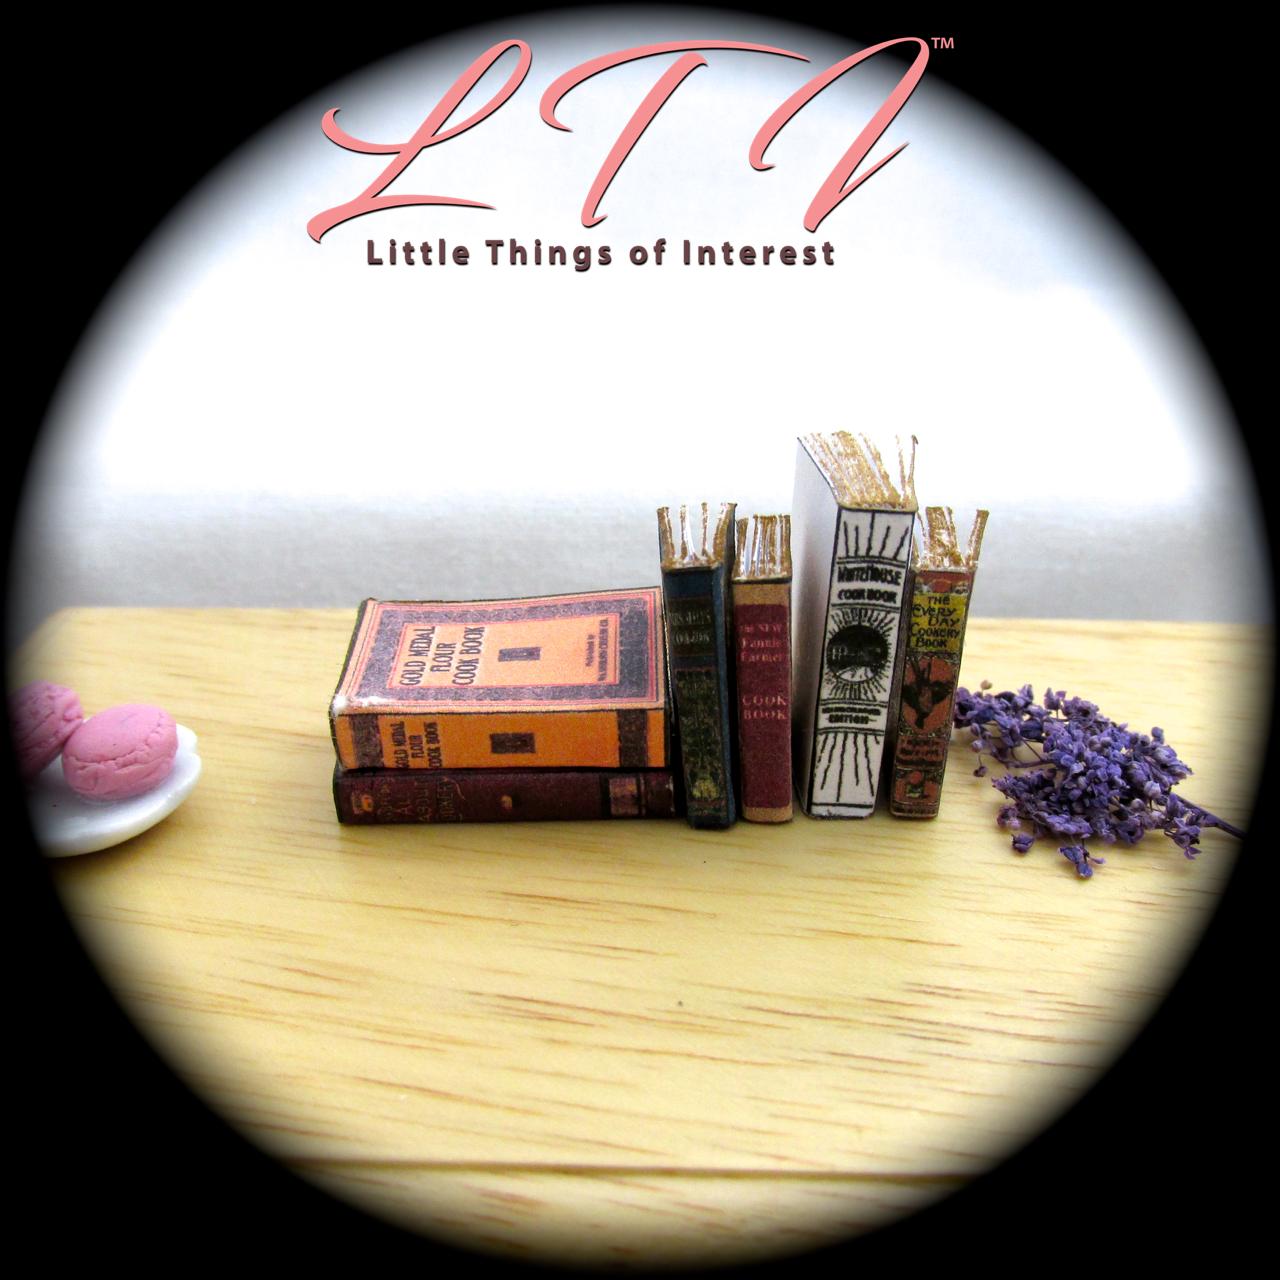 6 VINTAGE OLD COOKBOOKS Set Miniature Dollhouse 1:12 Scale Books PROP Faux 7